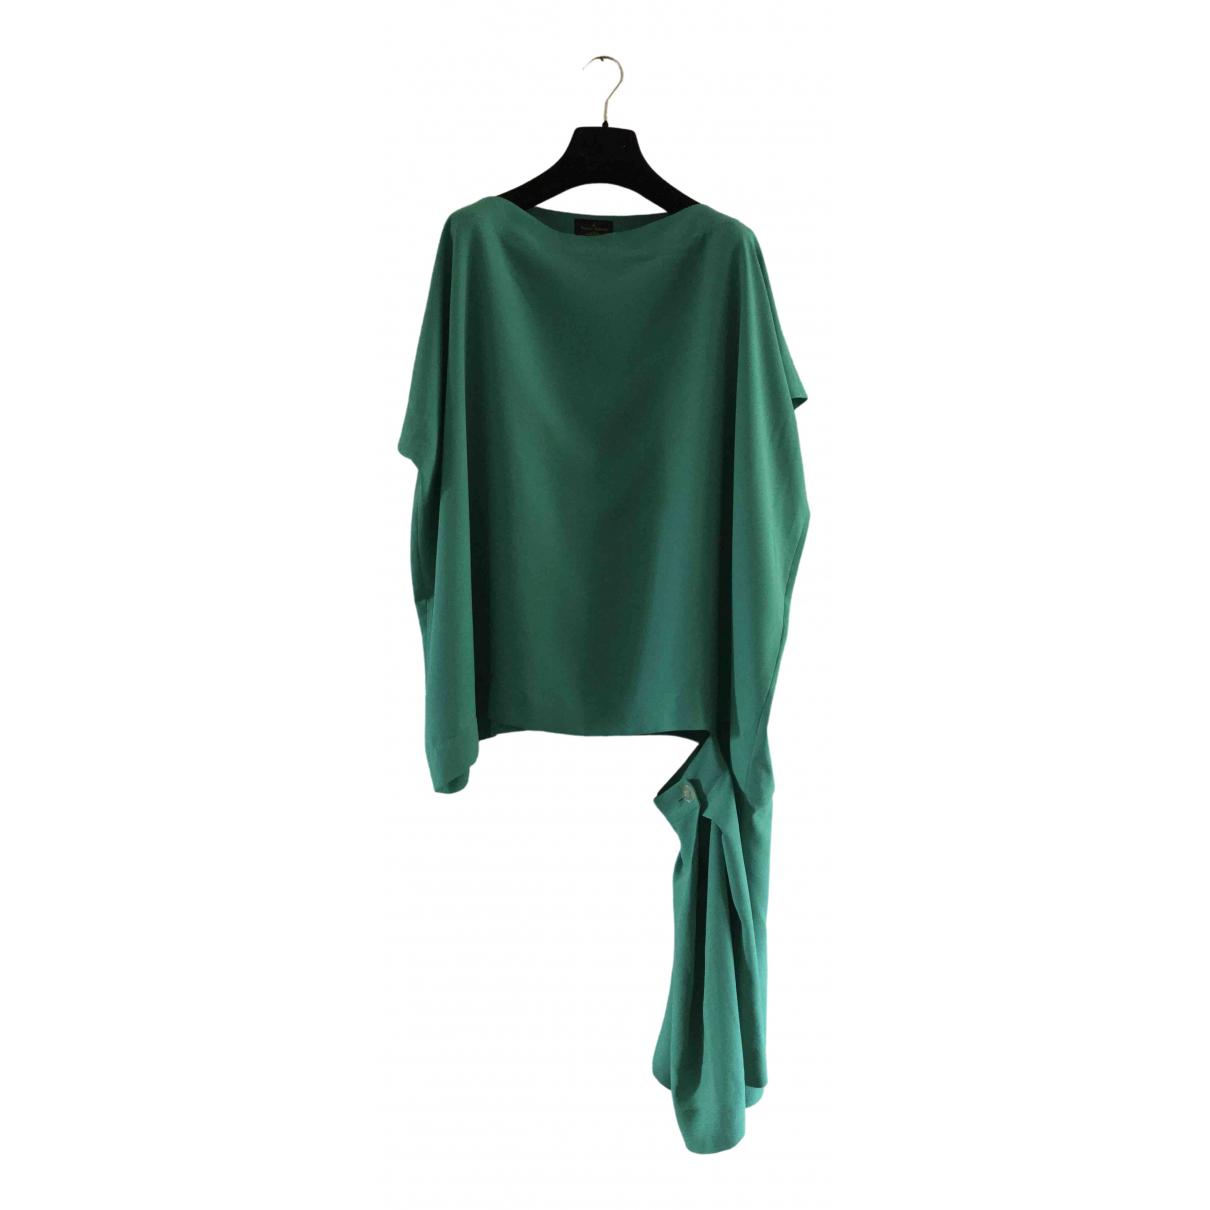 Vivienne Westwood Anglomania \N Kleid in  Gruen Polyester